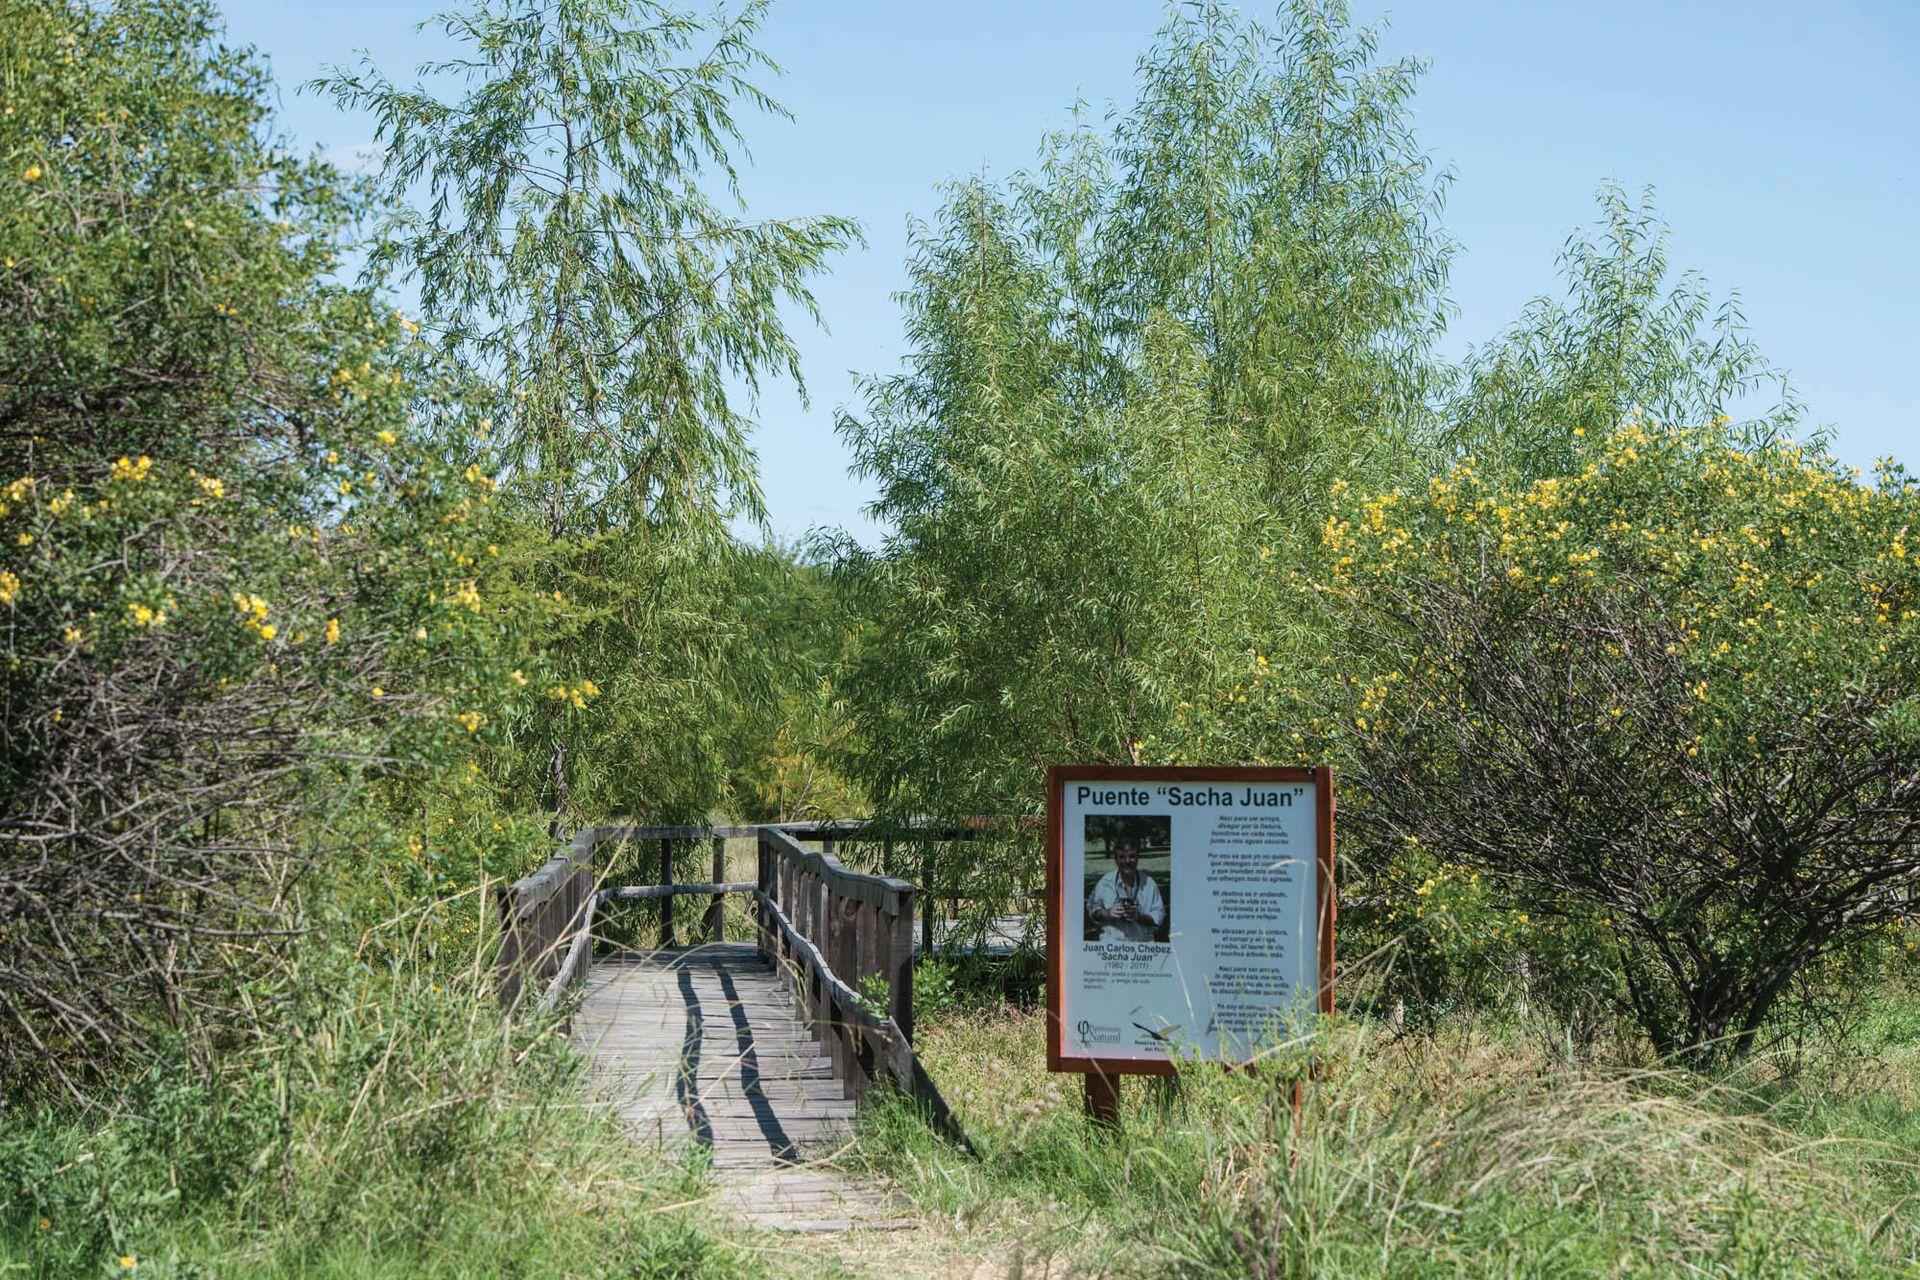 """El puente de la Reserva Natural del Pilar lleva el nombre de Juan Carlos Chebez, """"Sacha Juan"""", naturalista, poeta y conservacionista, en honor a quien fue un gran colaborador de la reserva."""